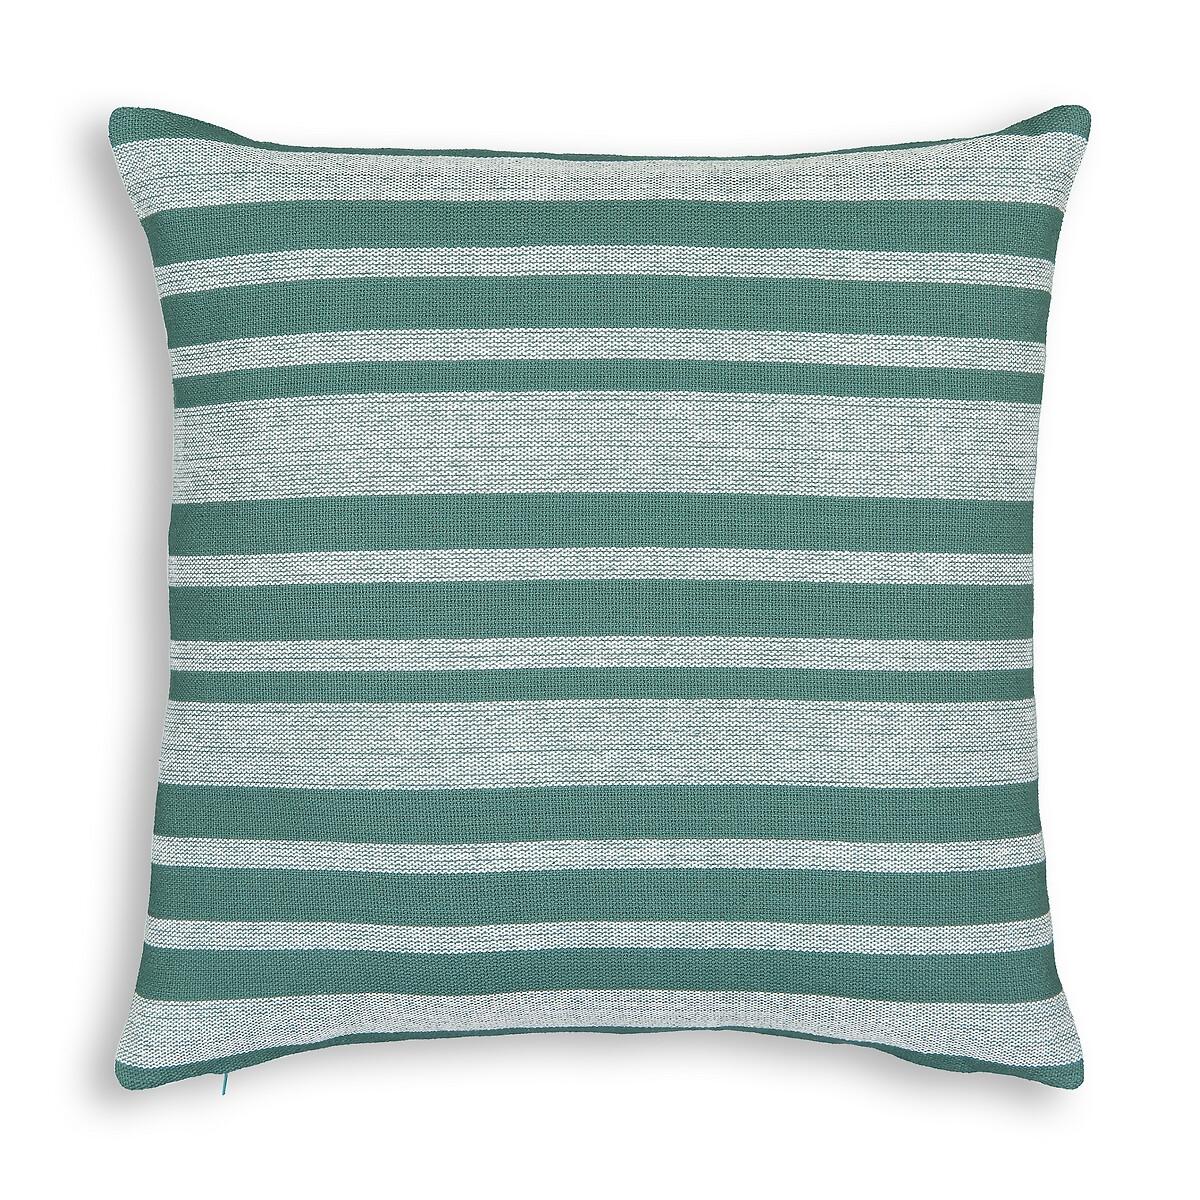 Фото - Чехол LaRedoute На подушку в полоску из 100 хлопка Minille 45 x 45 см зеленый чехол laredoute на подушку валик с отделкой бисером volodia 45 x 45 см зеленый